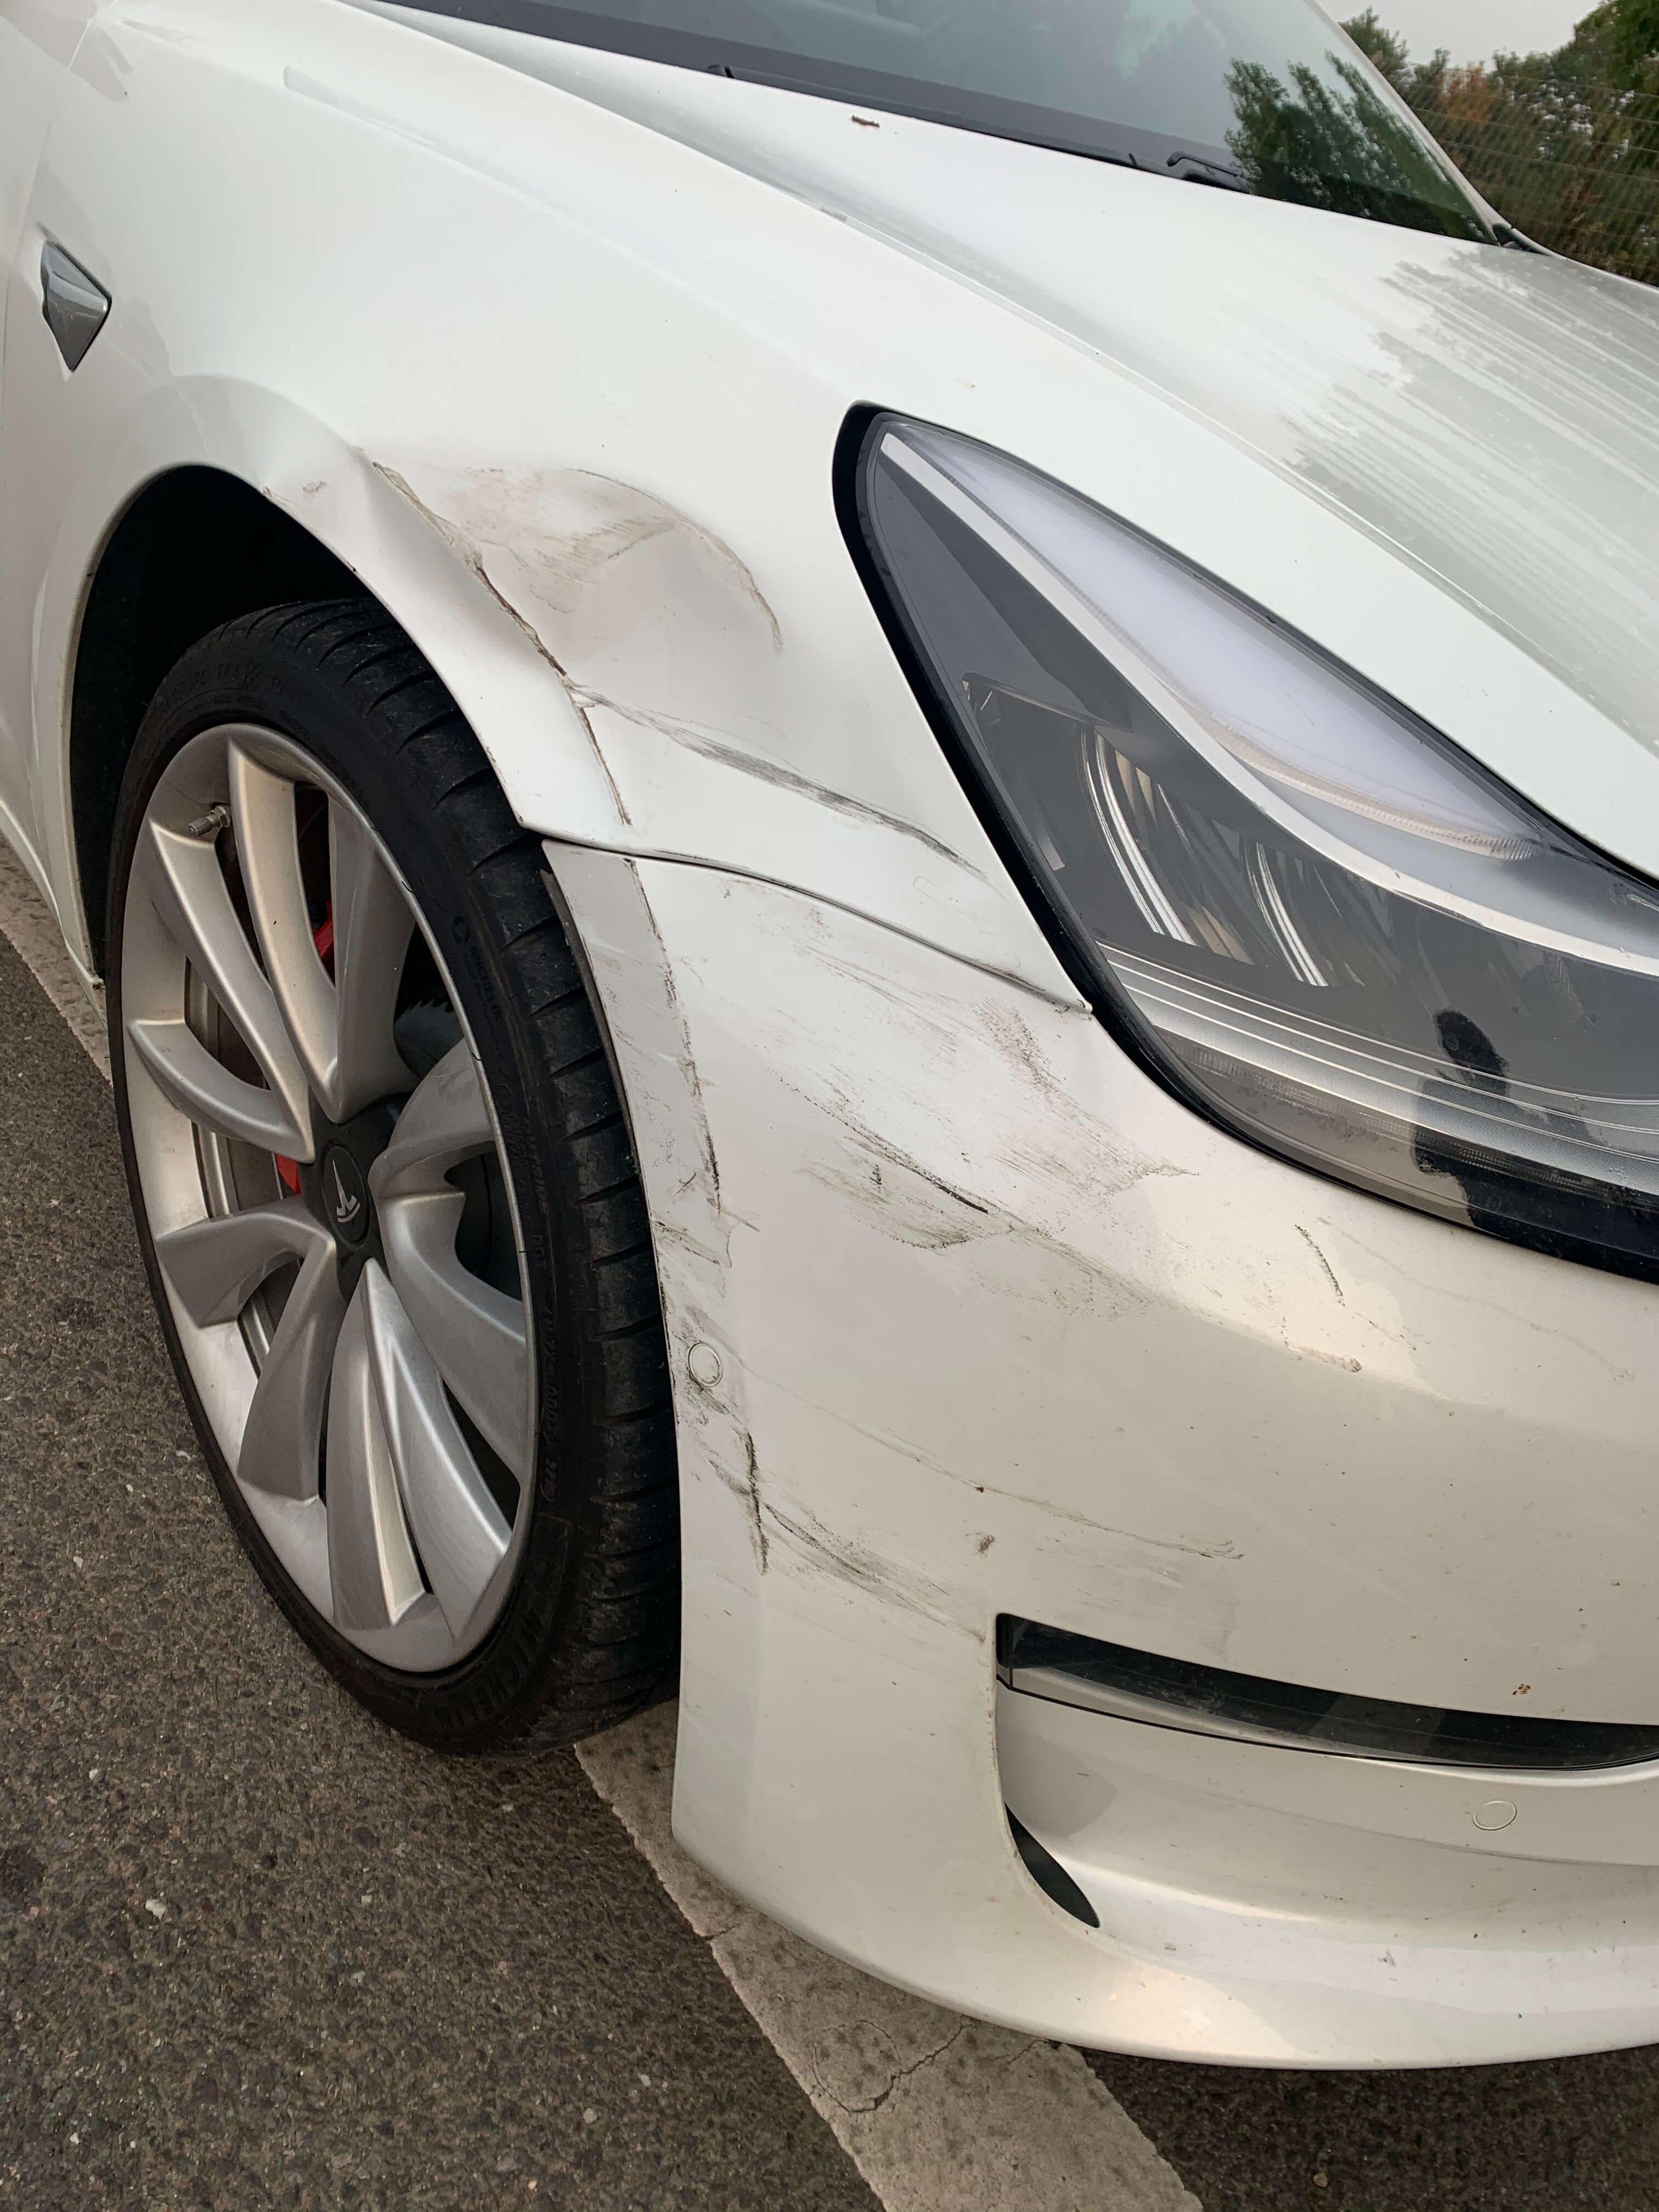 Ollie Tesla Bashed Zoom EV Accident Management